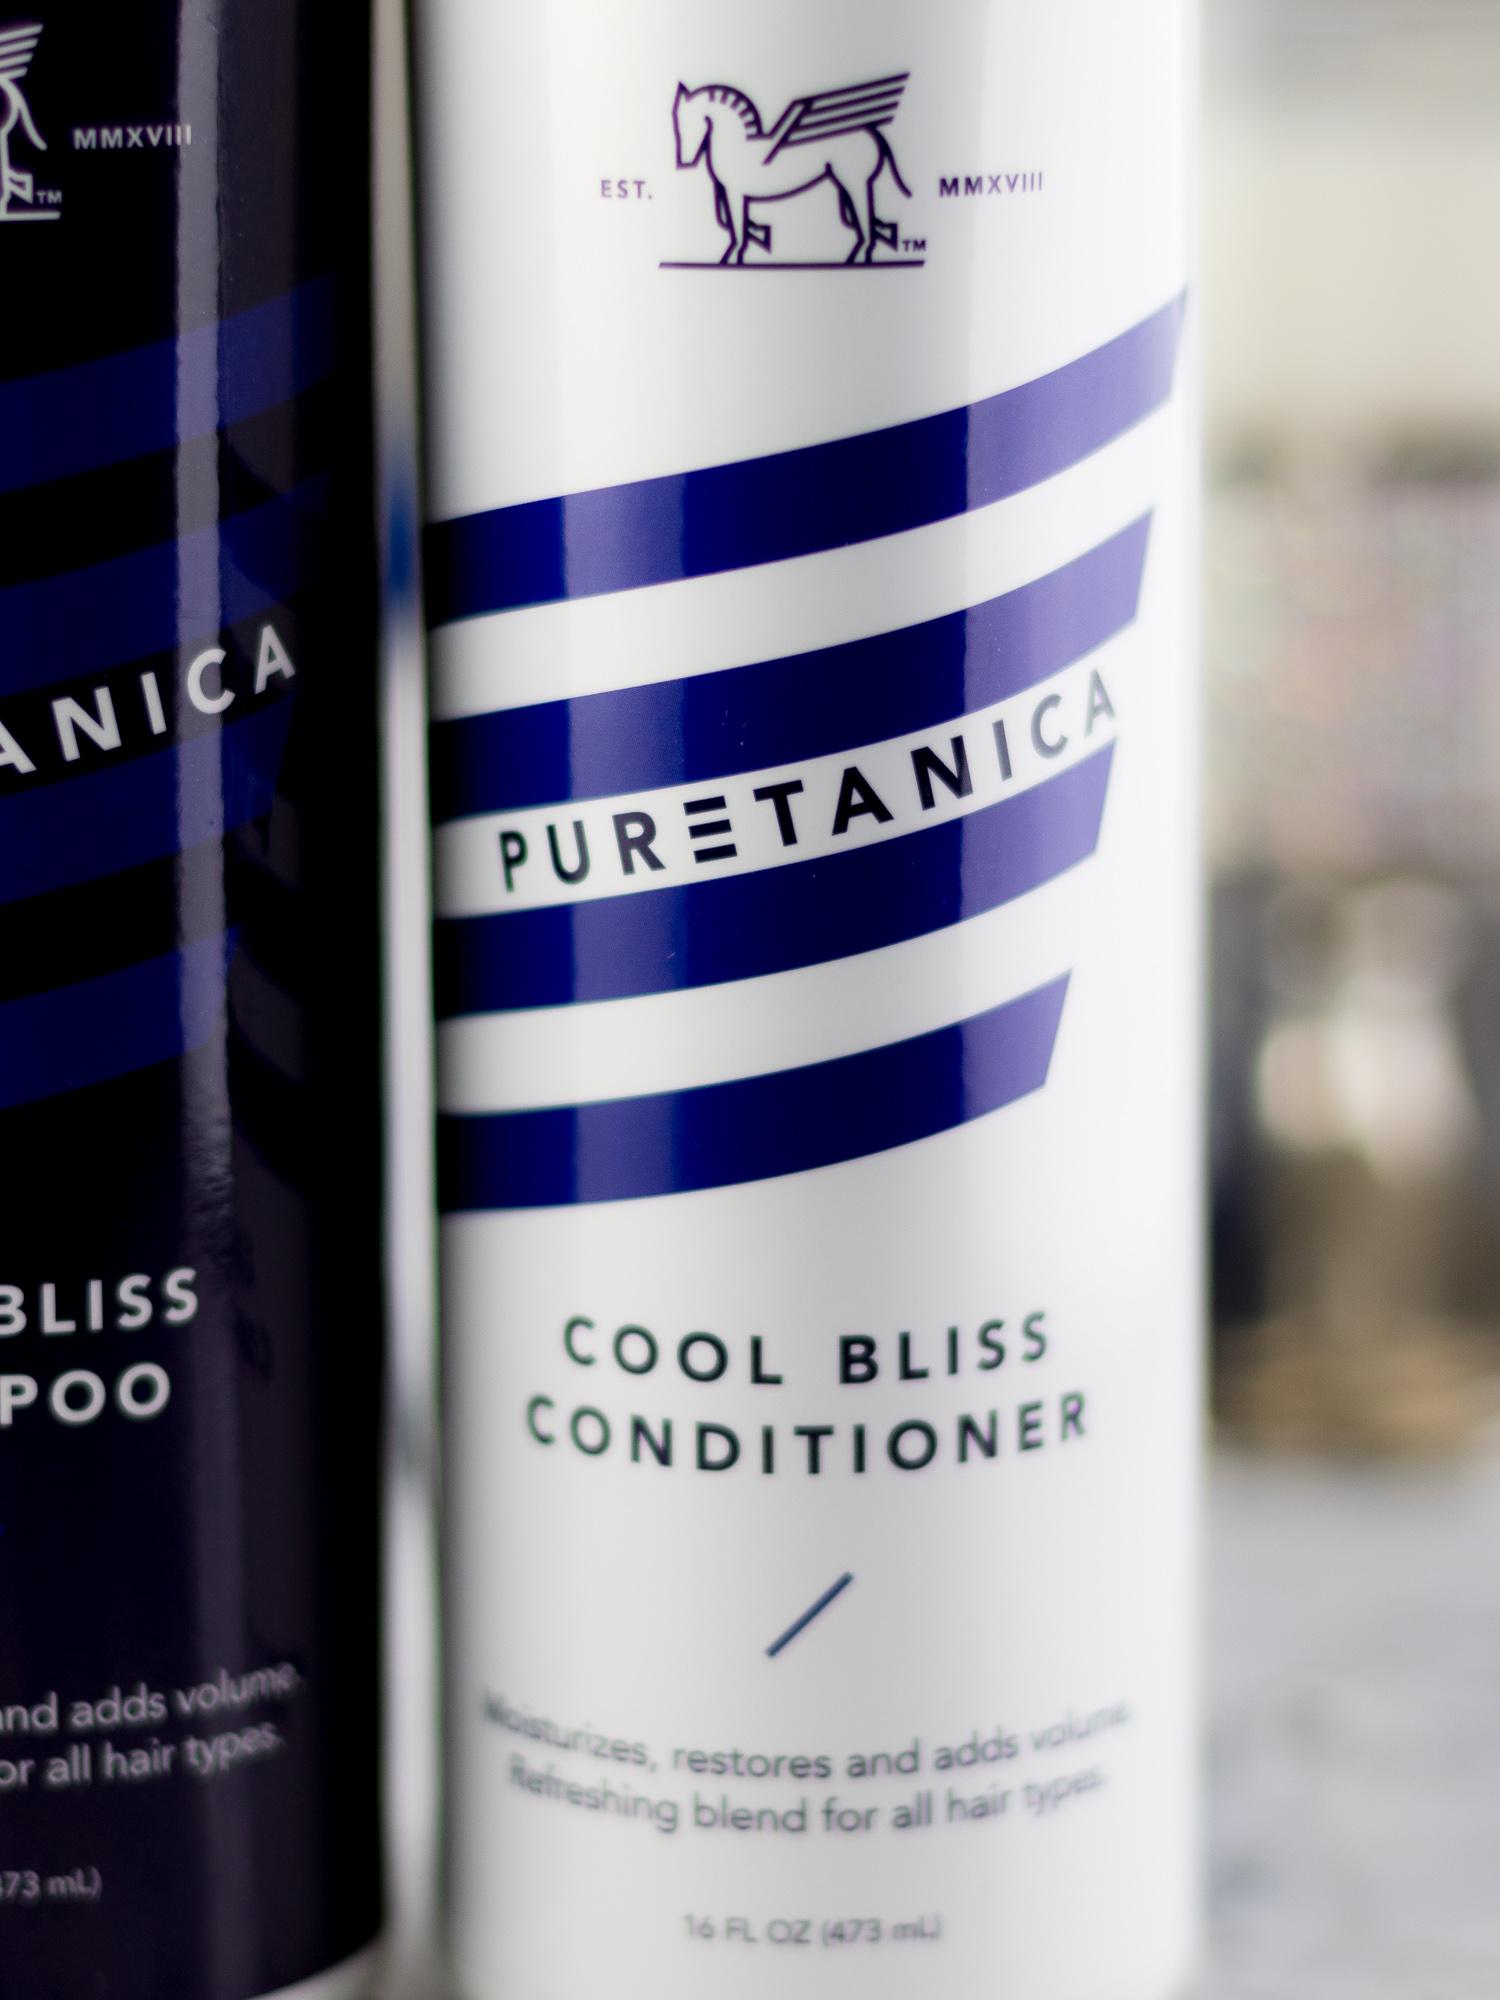 Puretanica Cool Bliss Conditioner